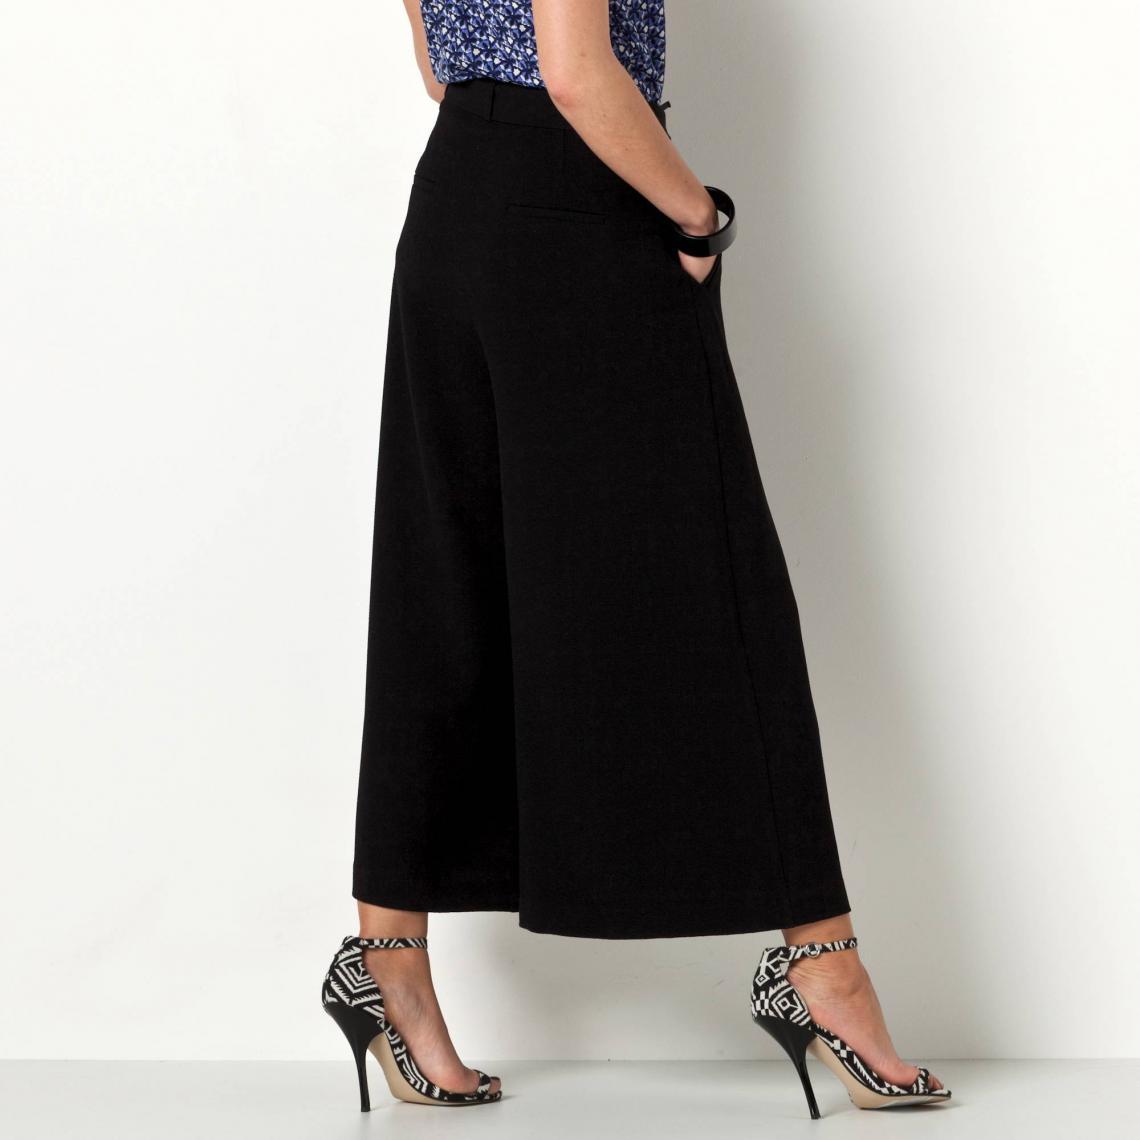 3 Pantalon Large Pinces À Avec Nouer Raccourci Liens Femme Extra USzVpqM